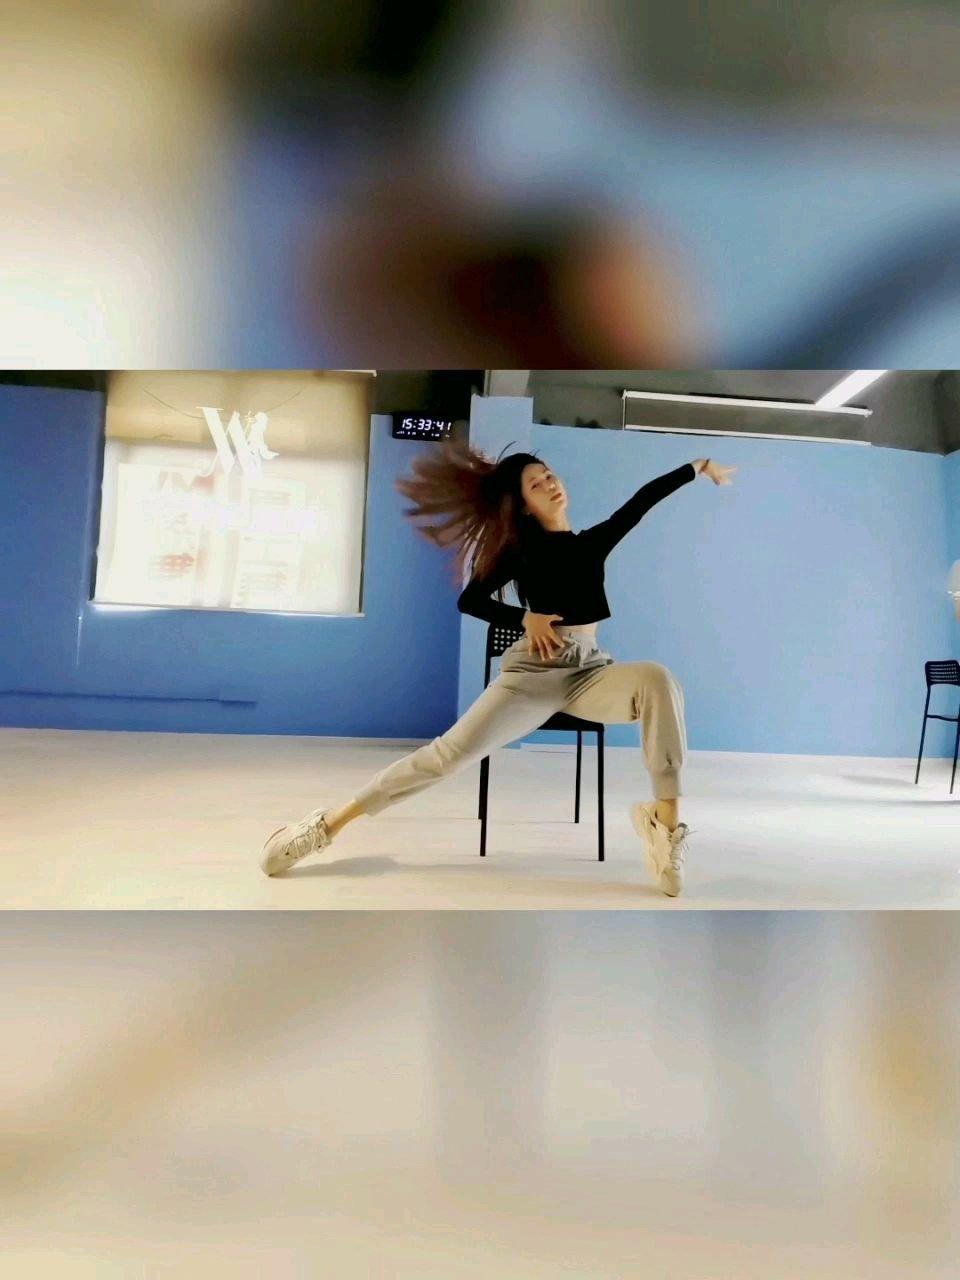 舞蹈老师不但要自己跳得好,而且还要教得好